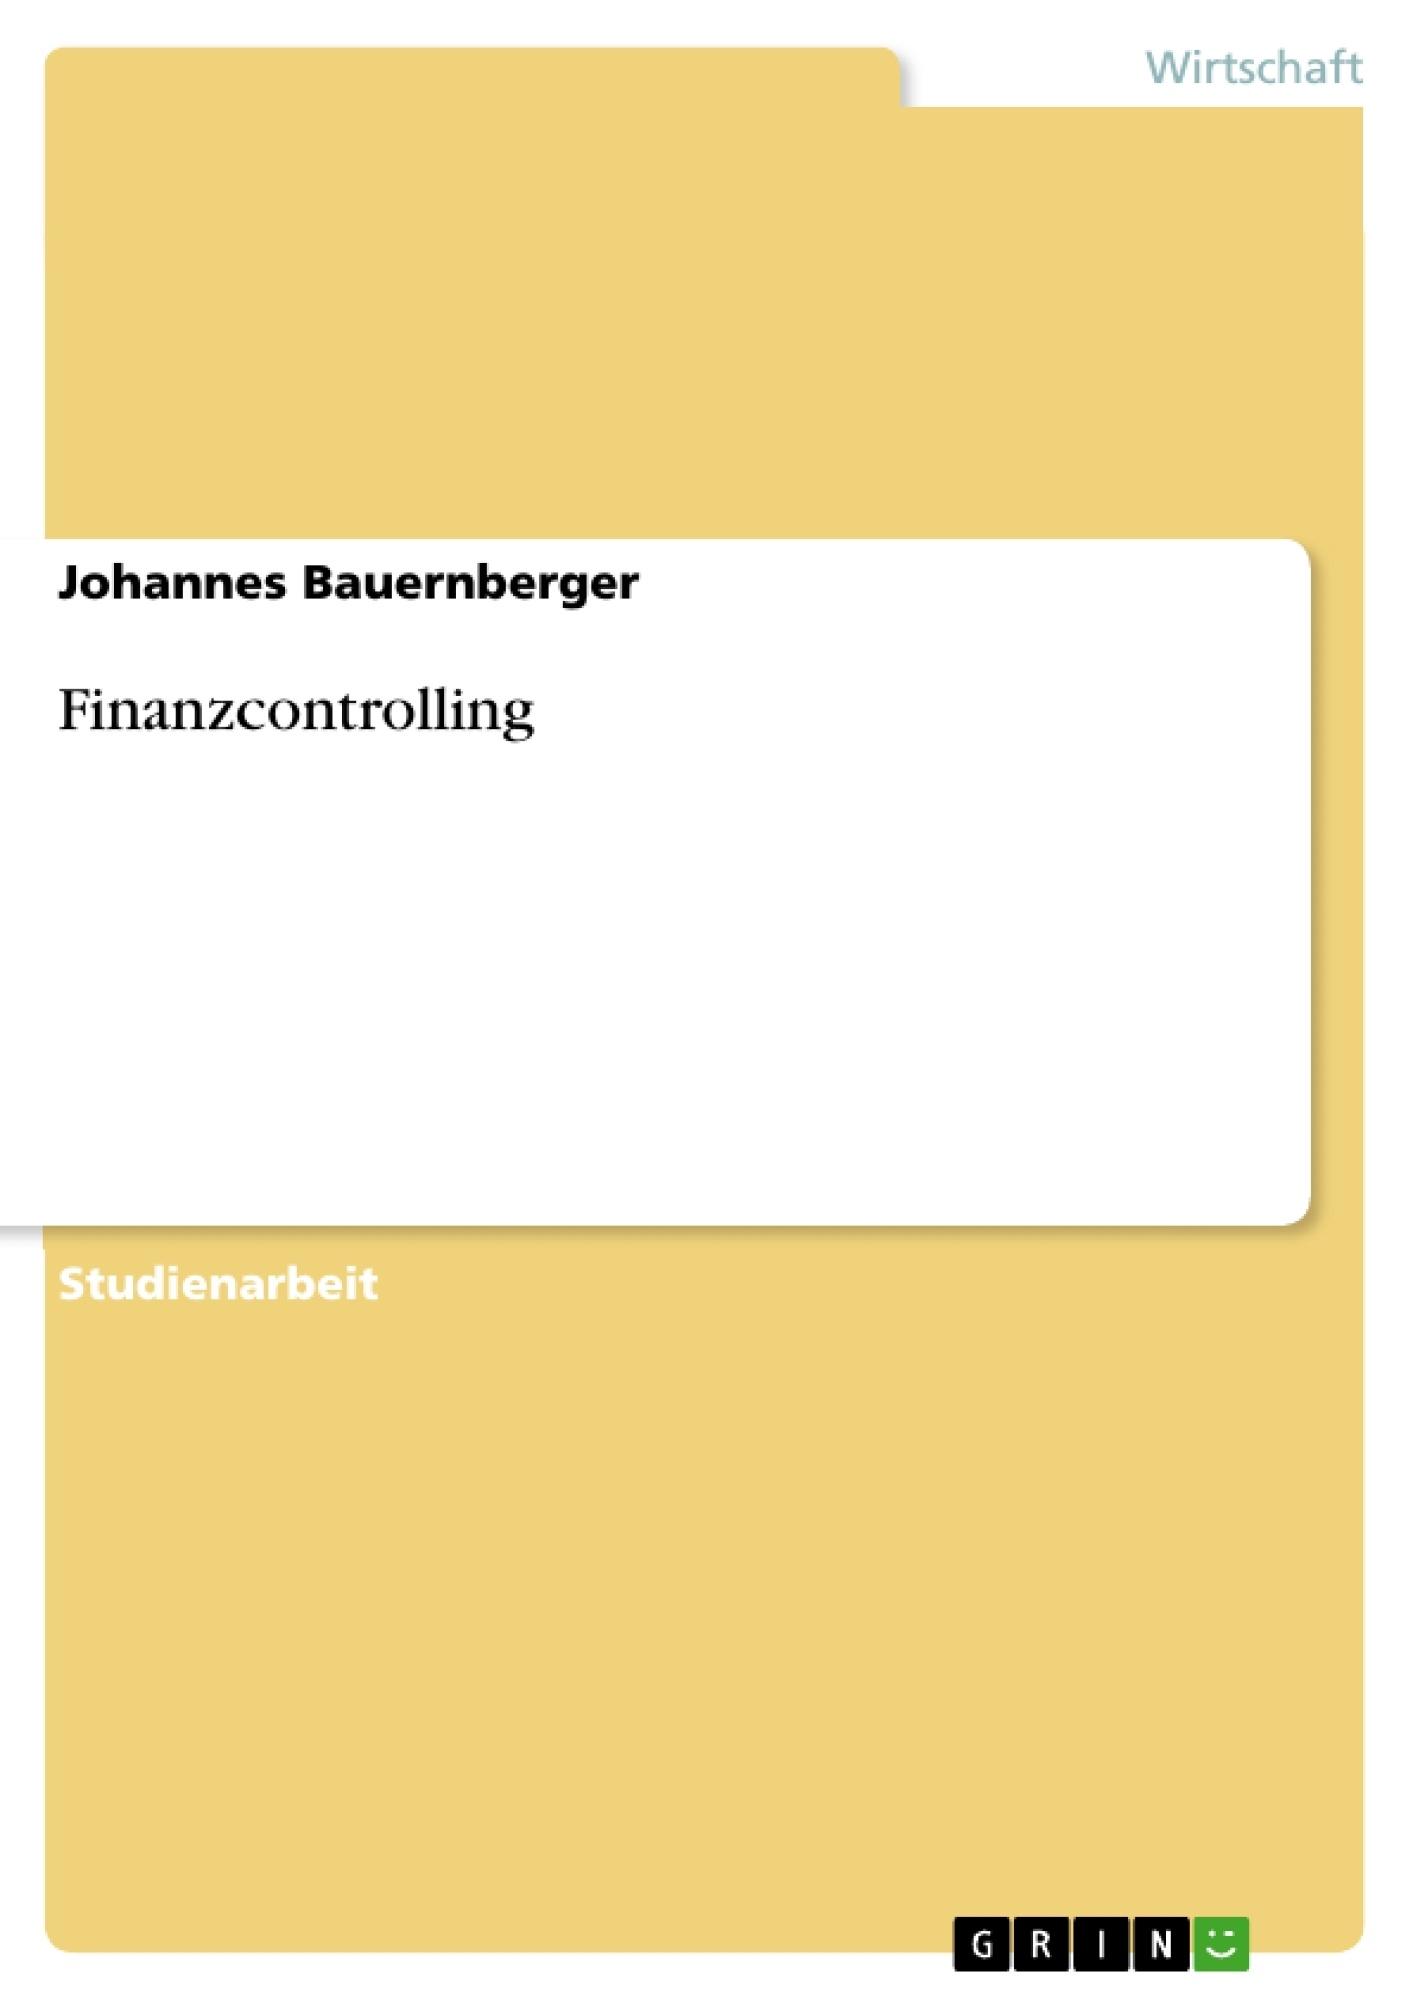 Titel: Finanzcontrolling